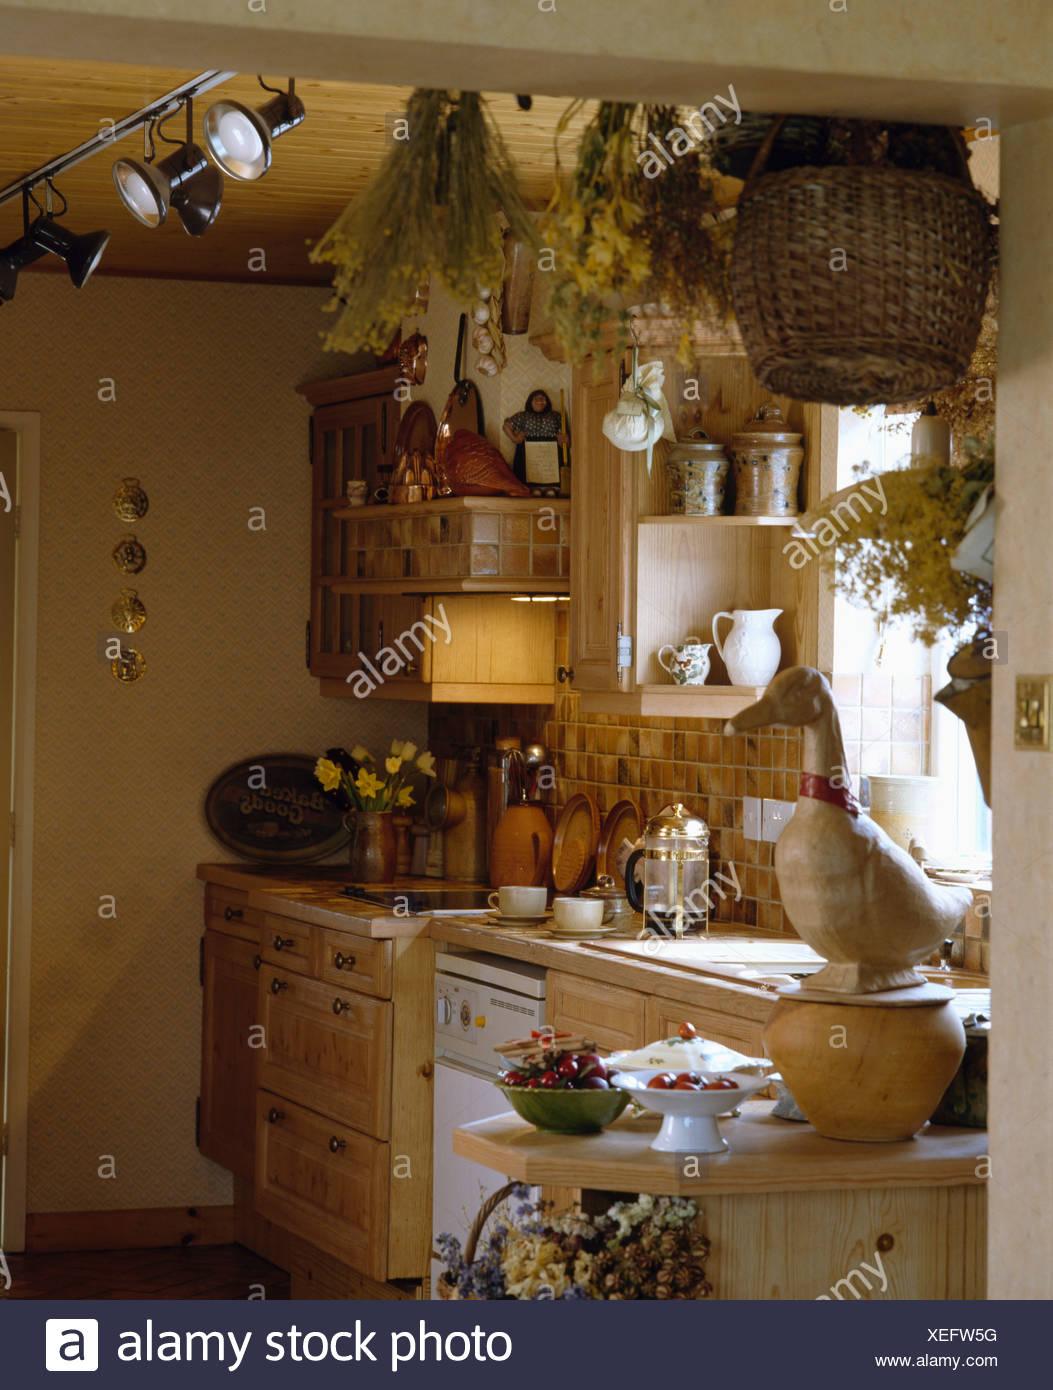 Gemütlich Küche Spot Beleuchtung Uk Ideen - Ideen Für Die Küche ...